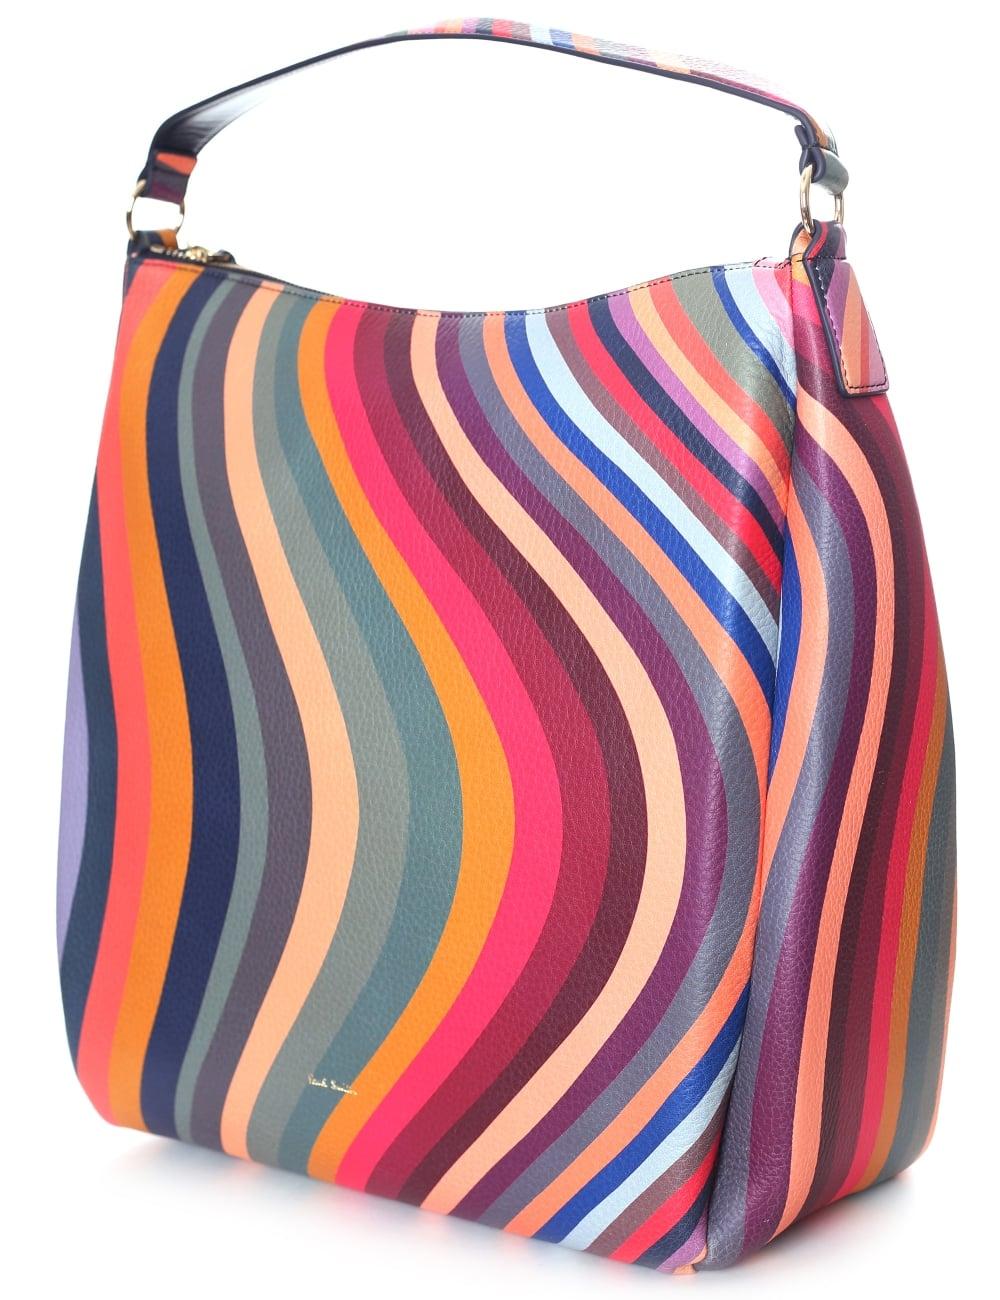 ac74676c6 Paul Smith Women's Swirl Leather Hobo Bag